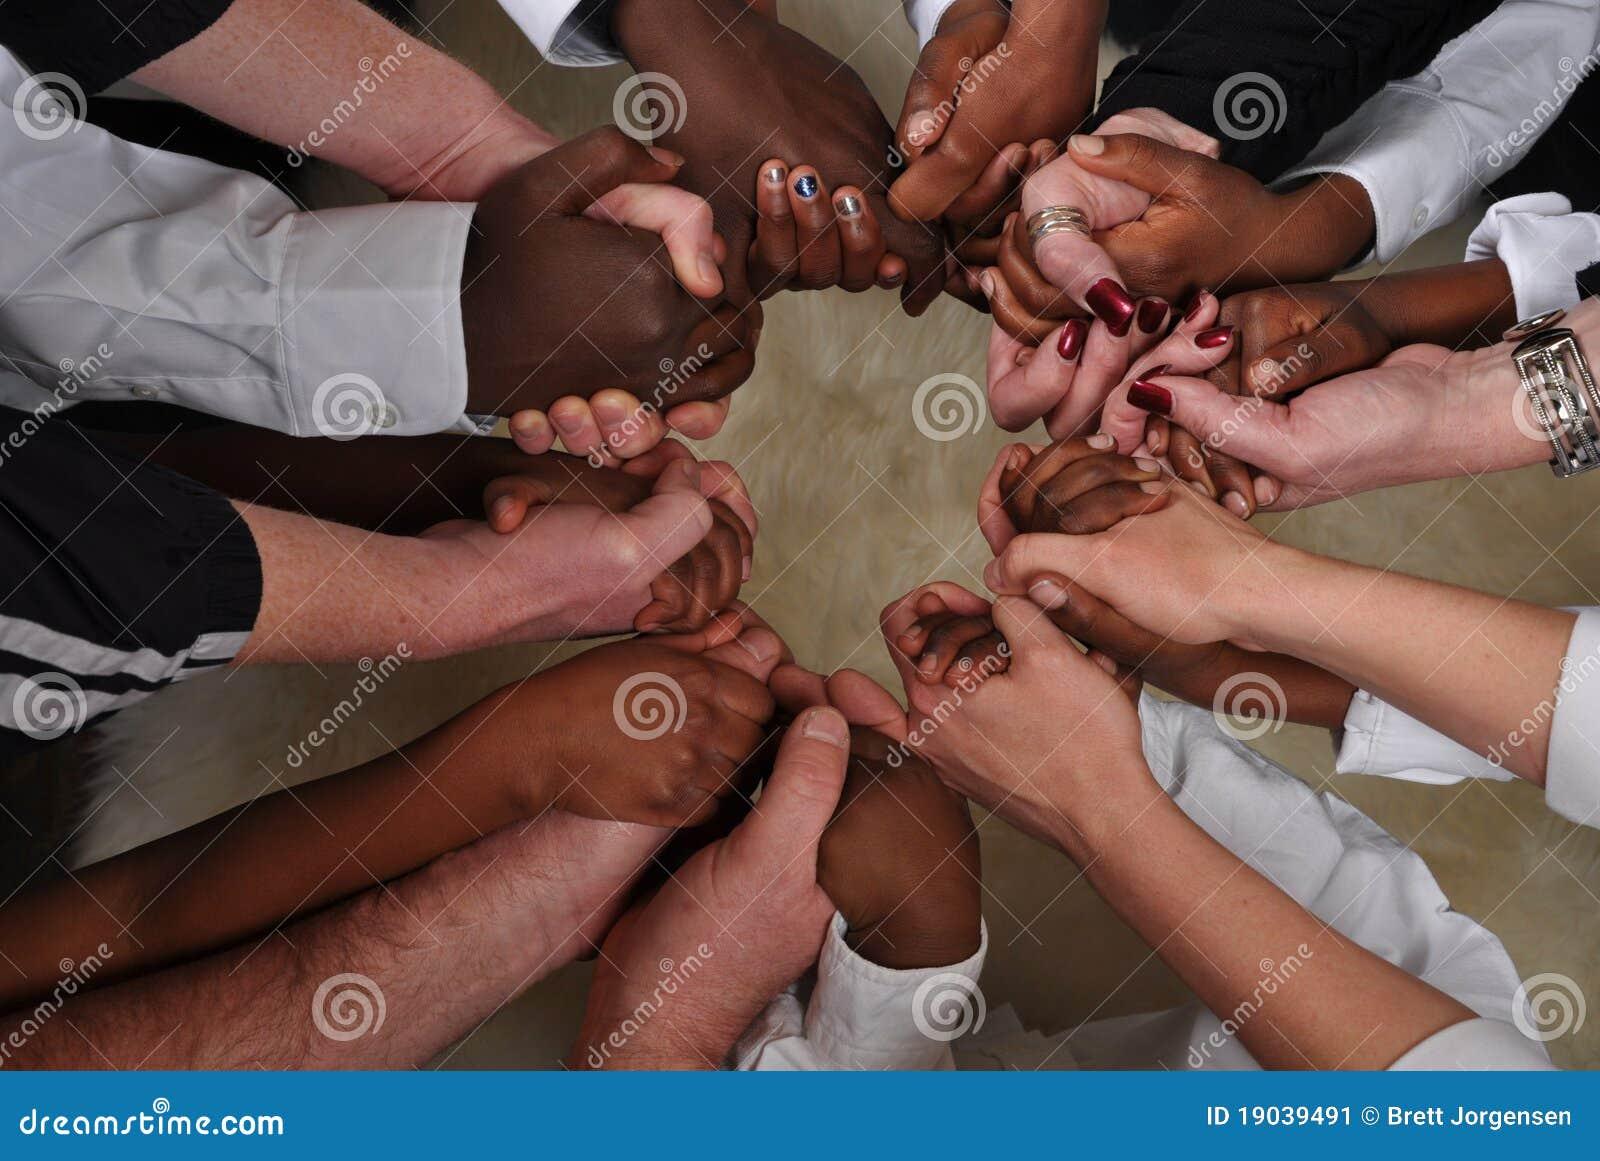 Manos blancos y negros